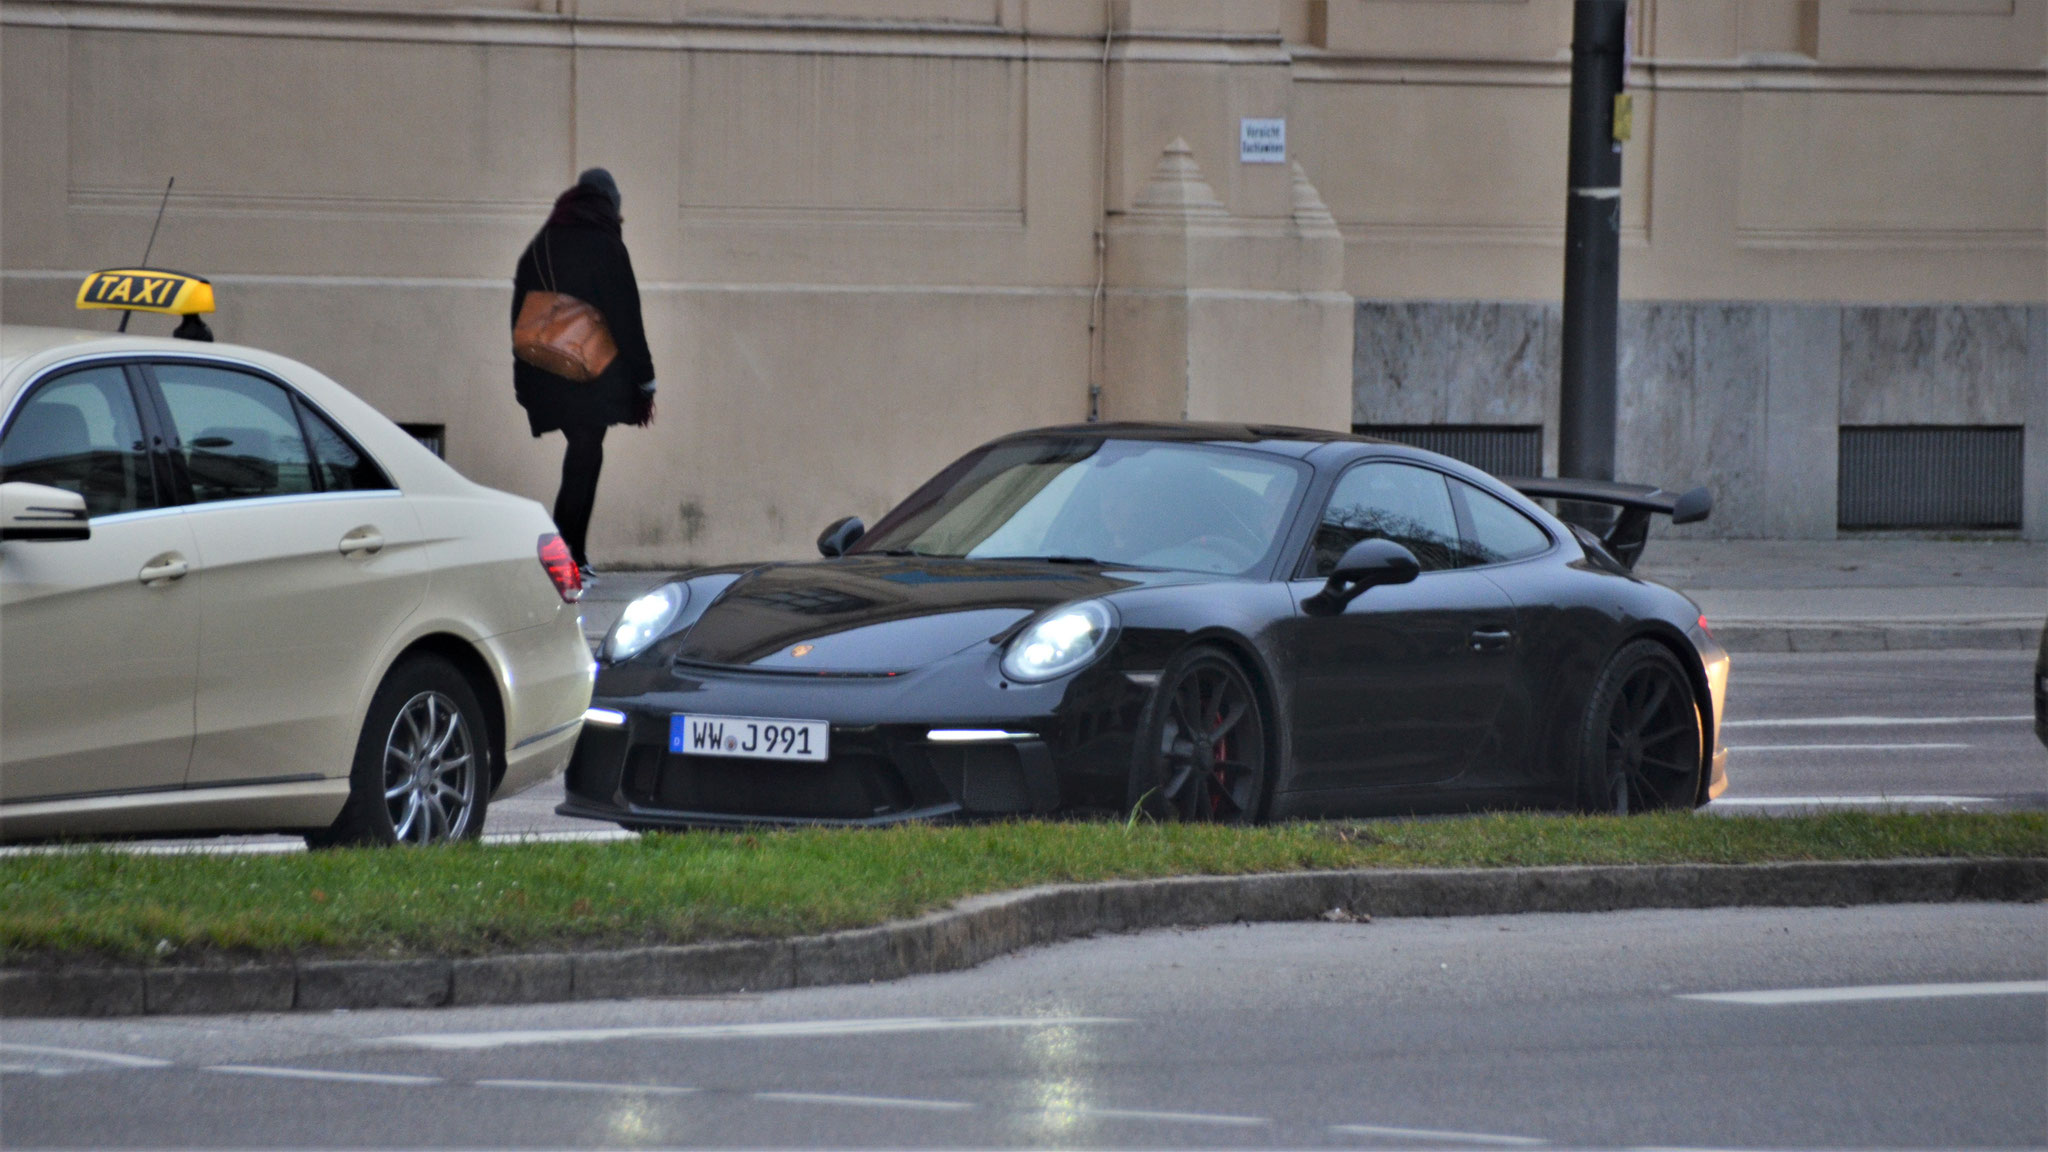 Porsche 991 GT3 - WW-J-991